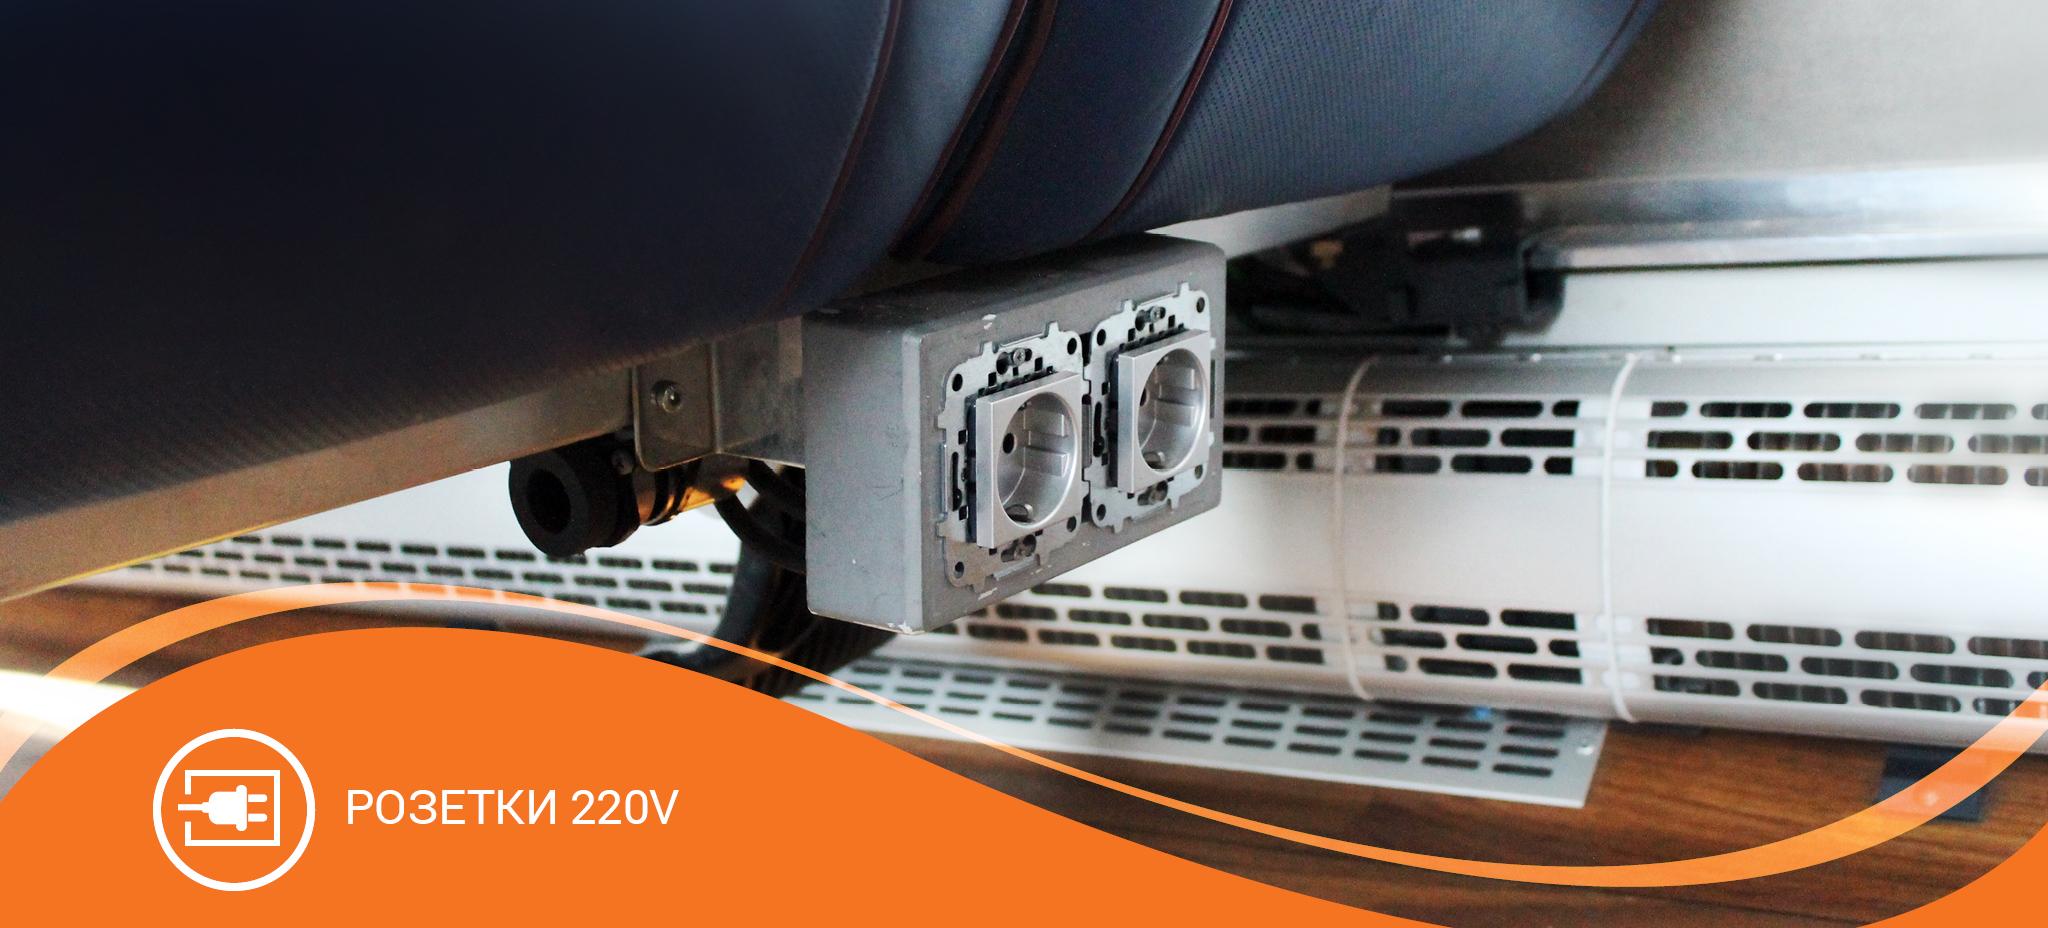 Розетки 220v в автобусах TransTempo